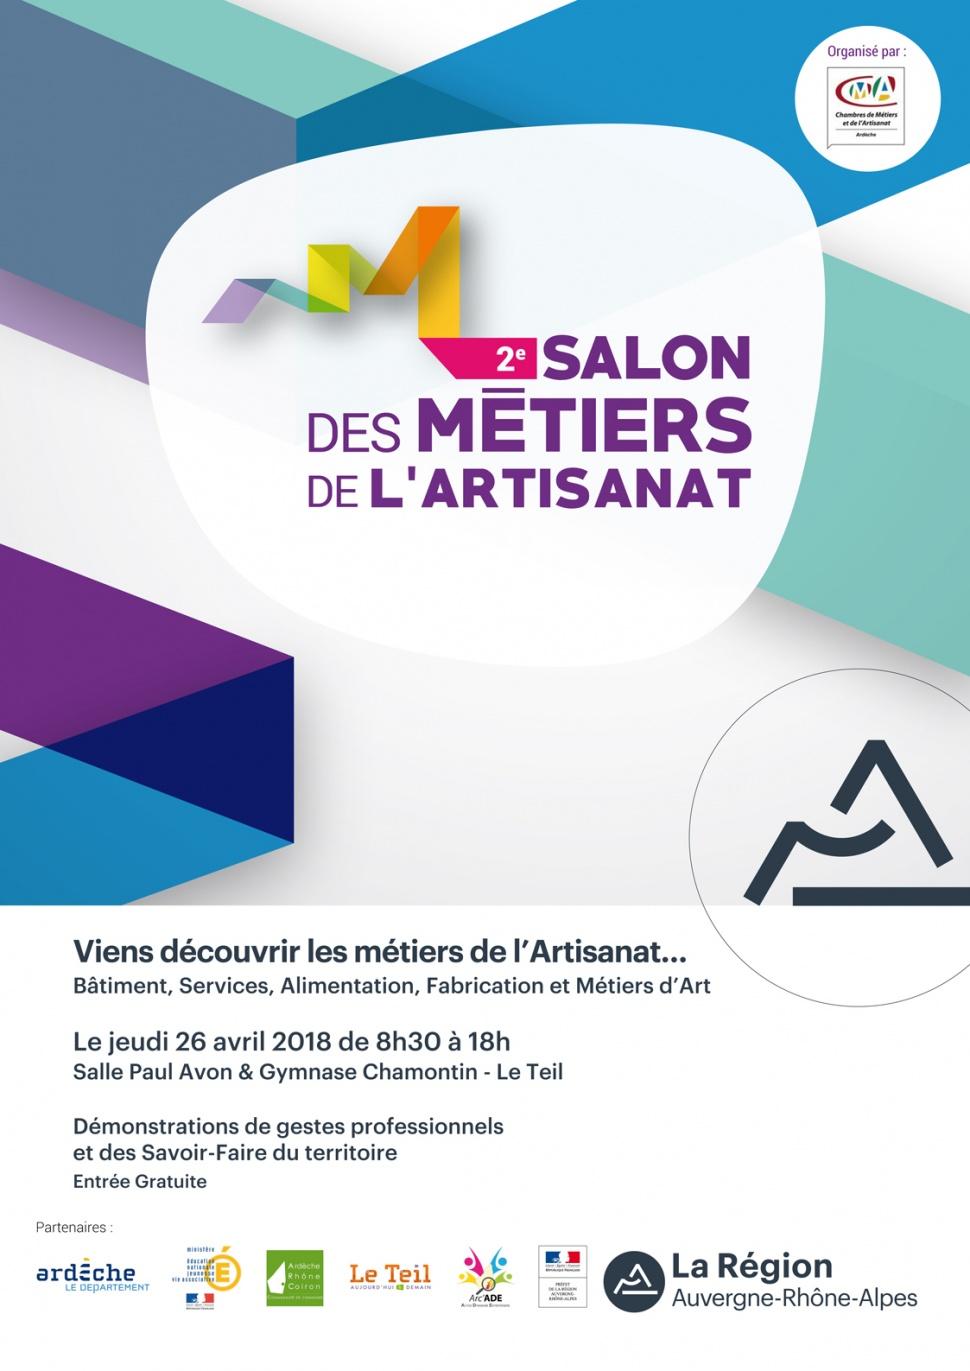 Salon des Métiers de l'Artisanat